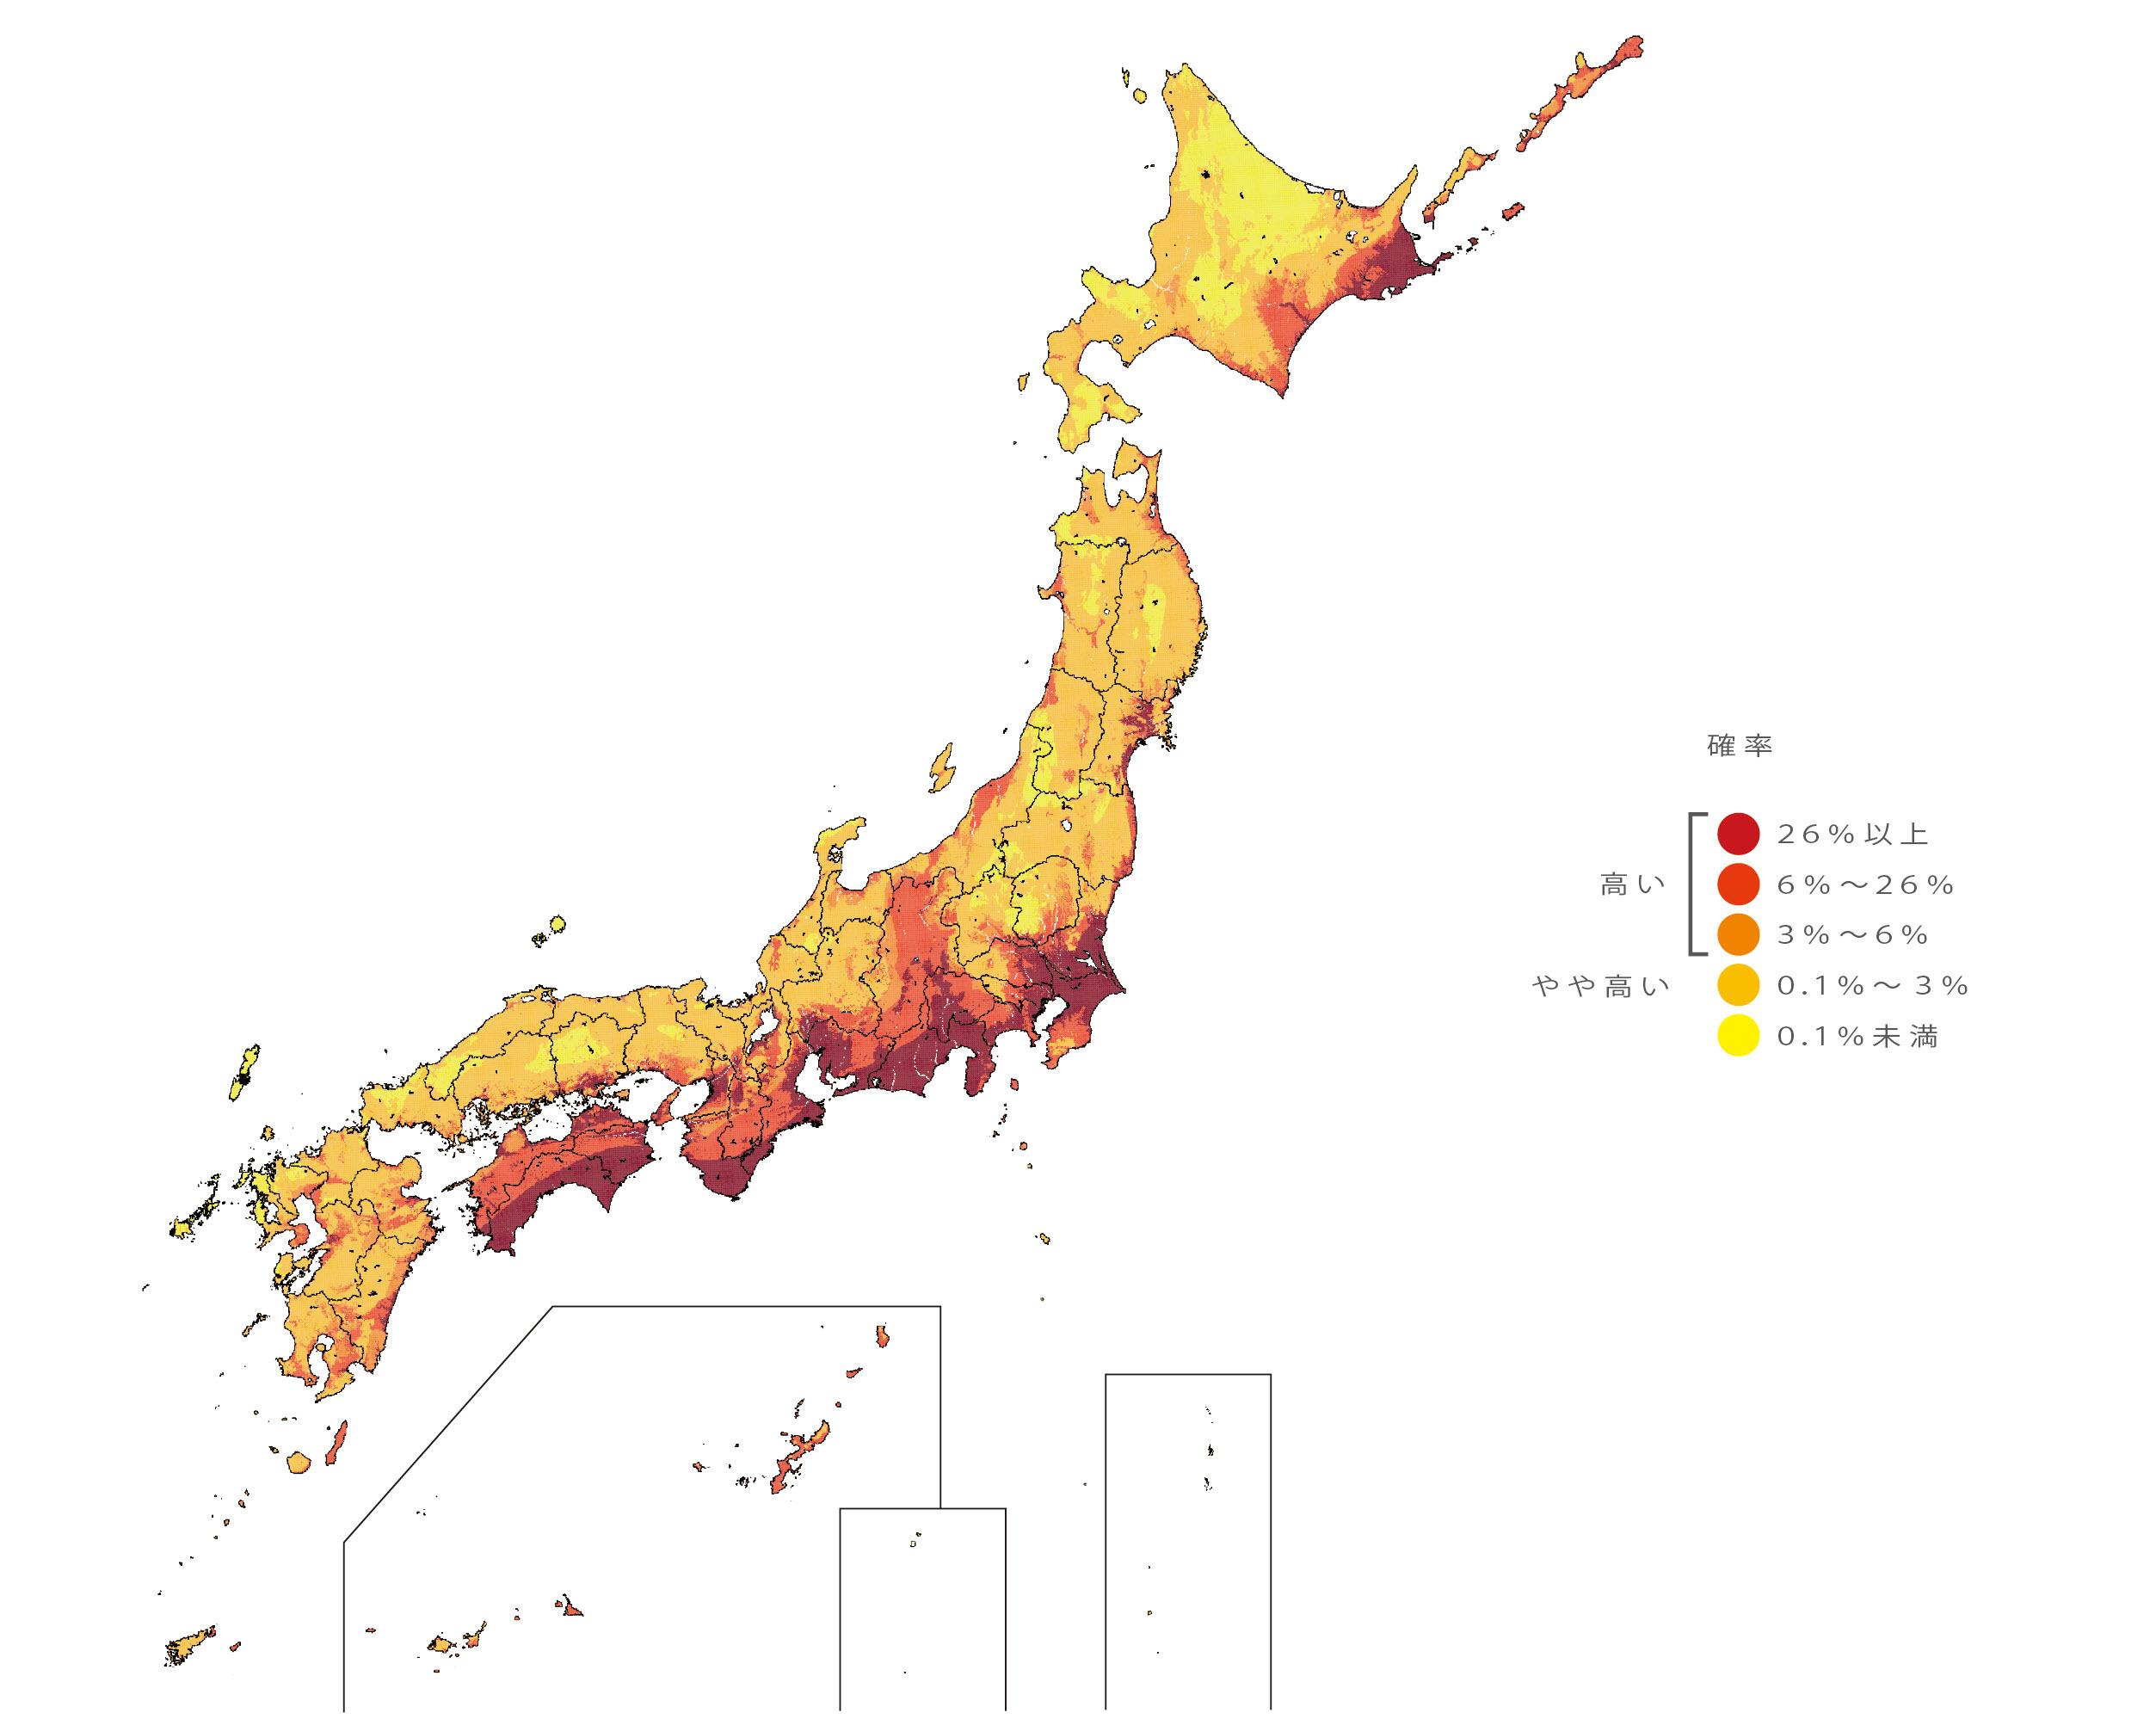 日本の地震予測地図